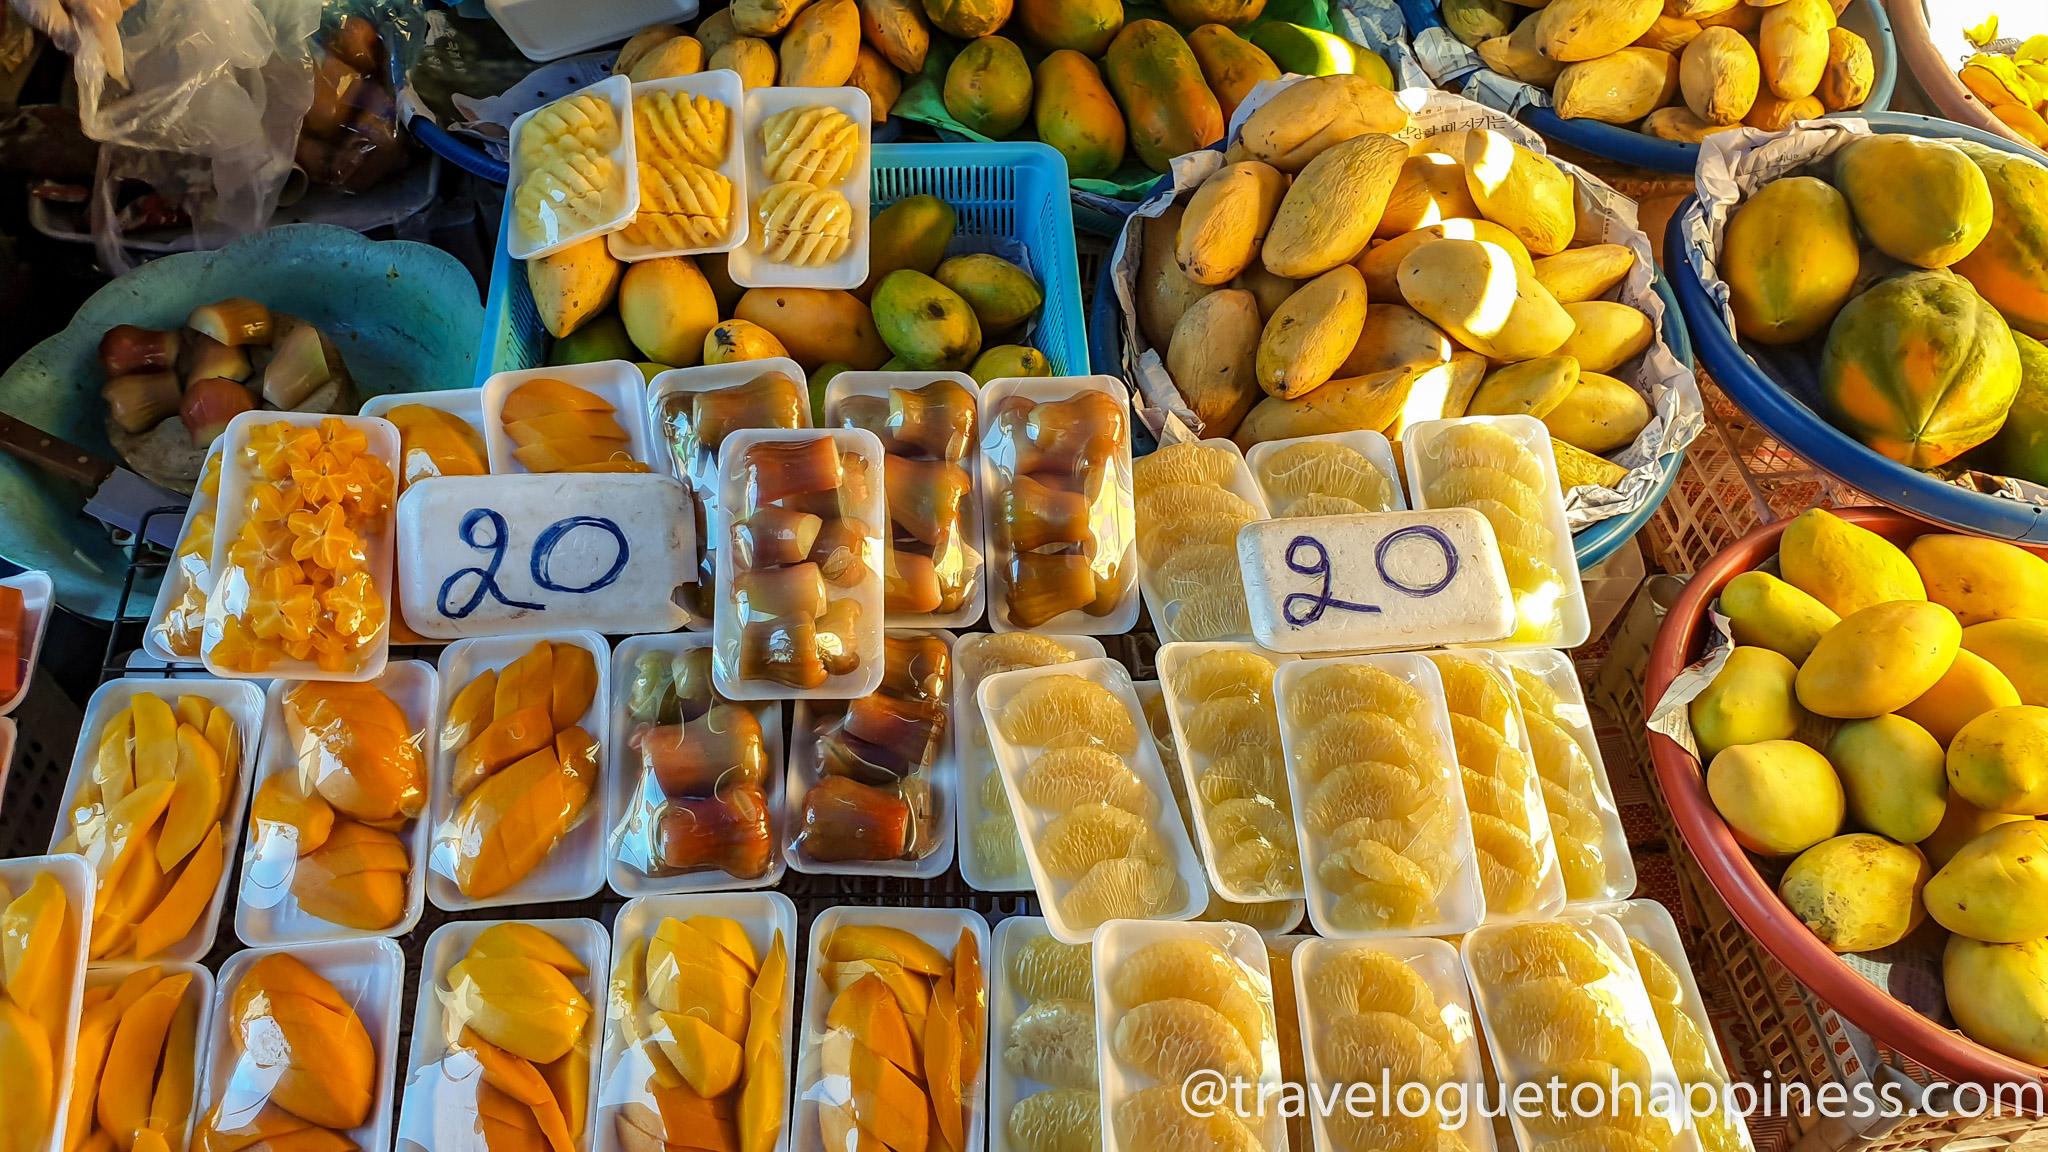 Maeklong Train Market - Fruits